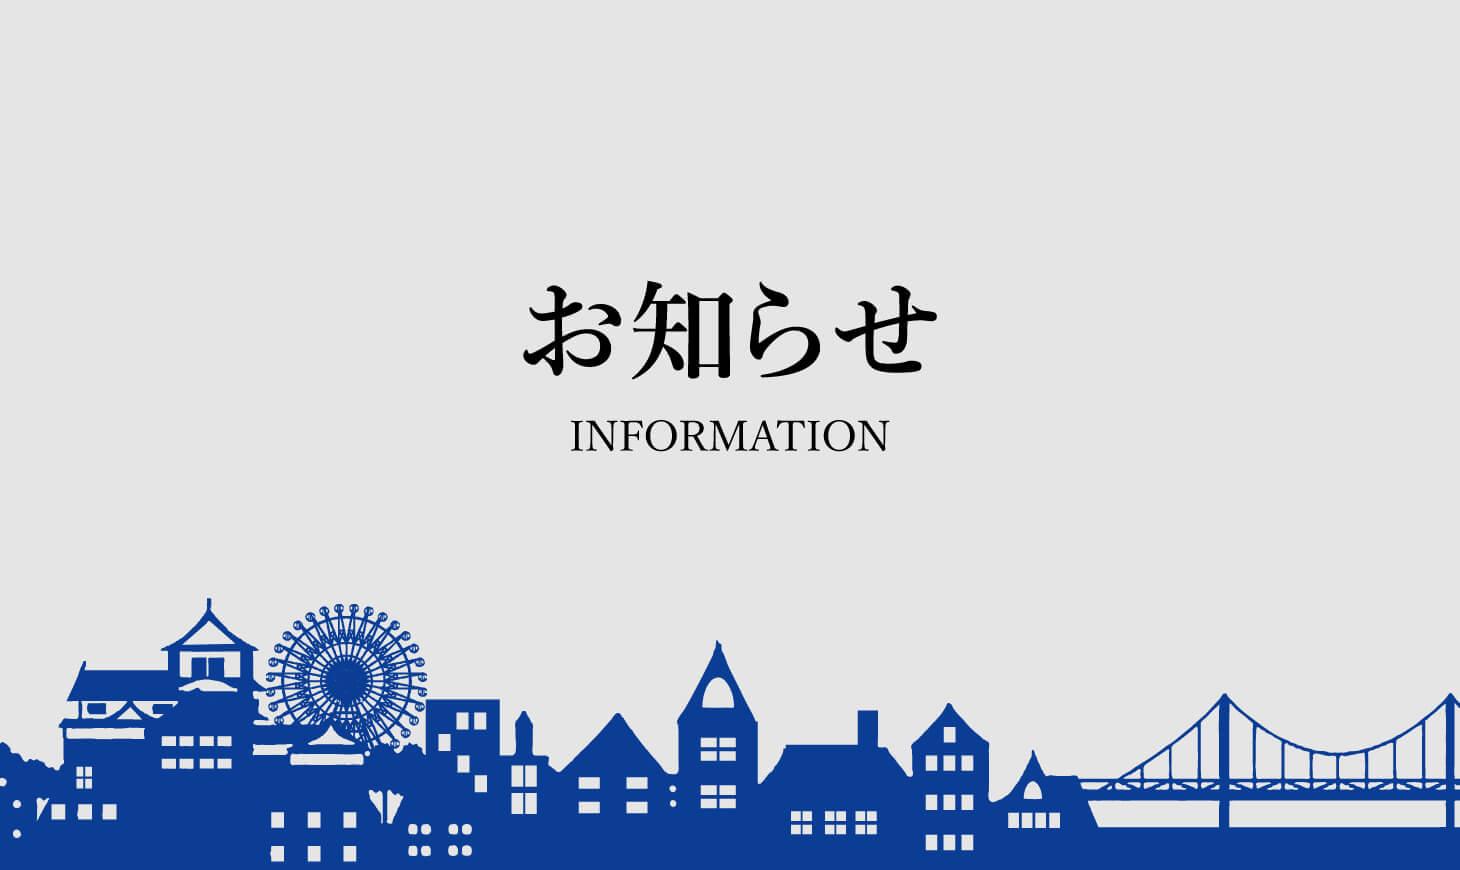 株式会社FP不動産パートナーズからのお知らせ